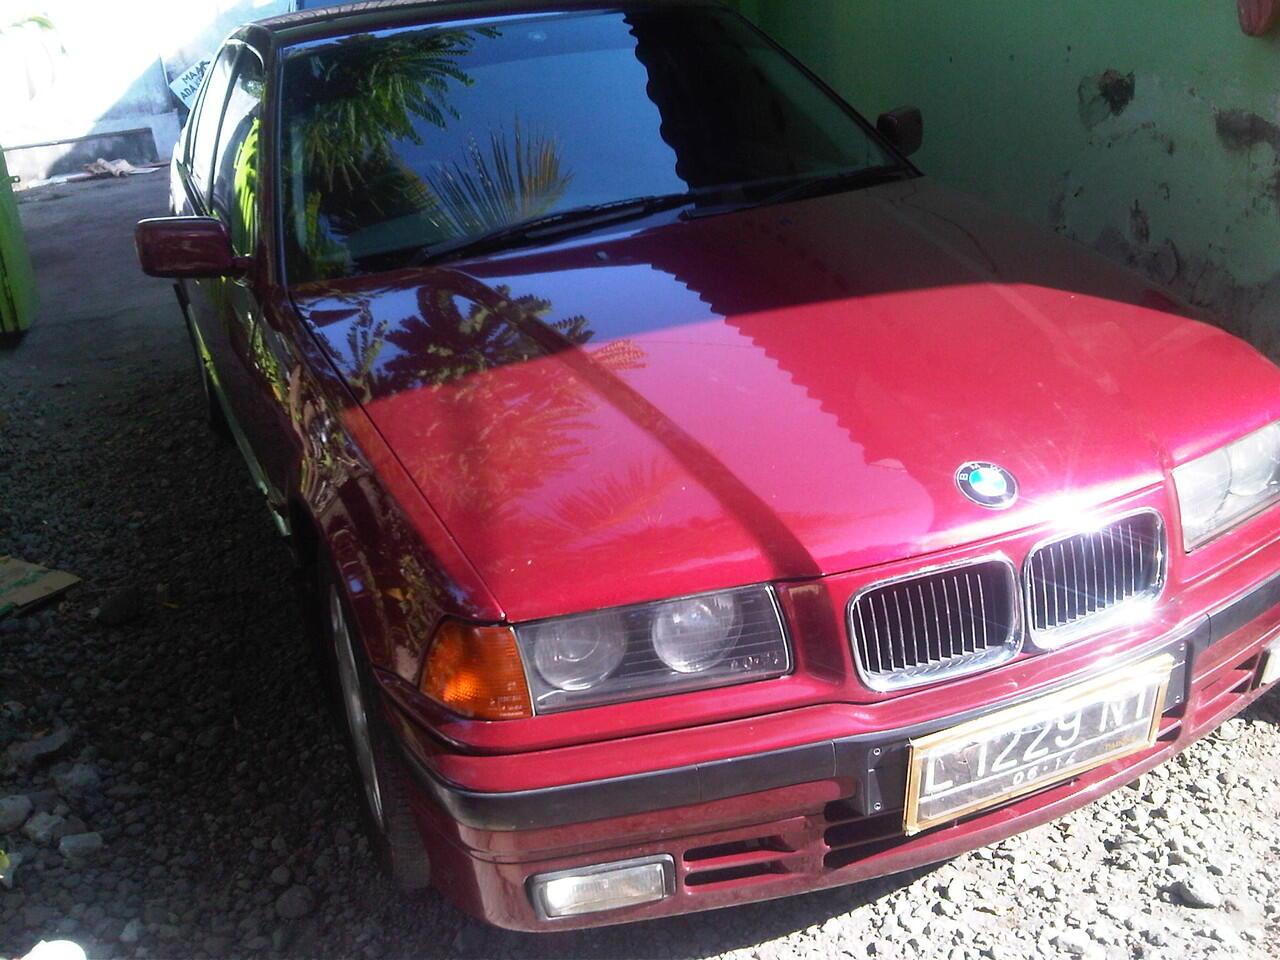 BMW 318i Merah Metalik 1992 ( BOXER) Mulus siap pakai SURABAYA